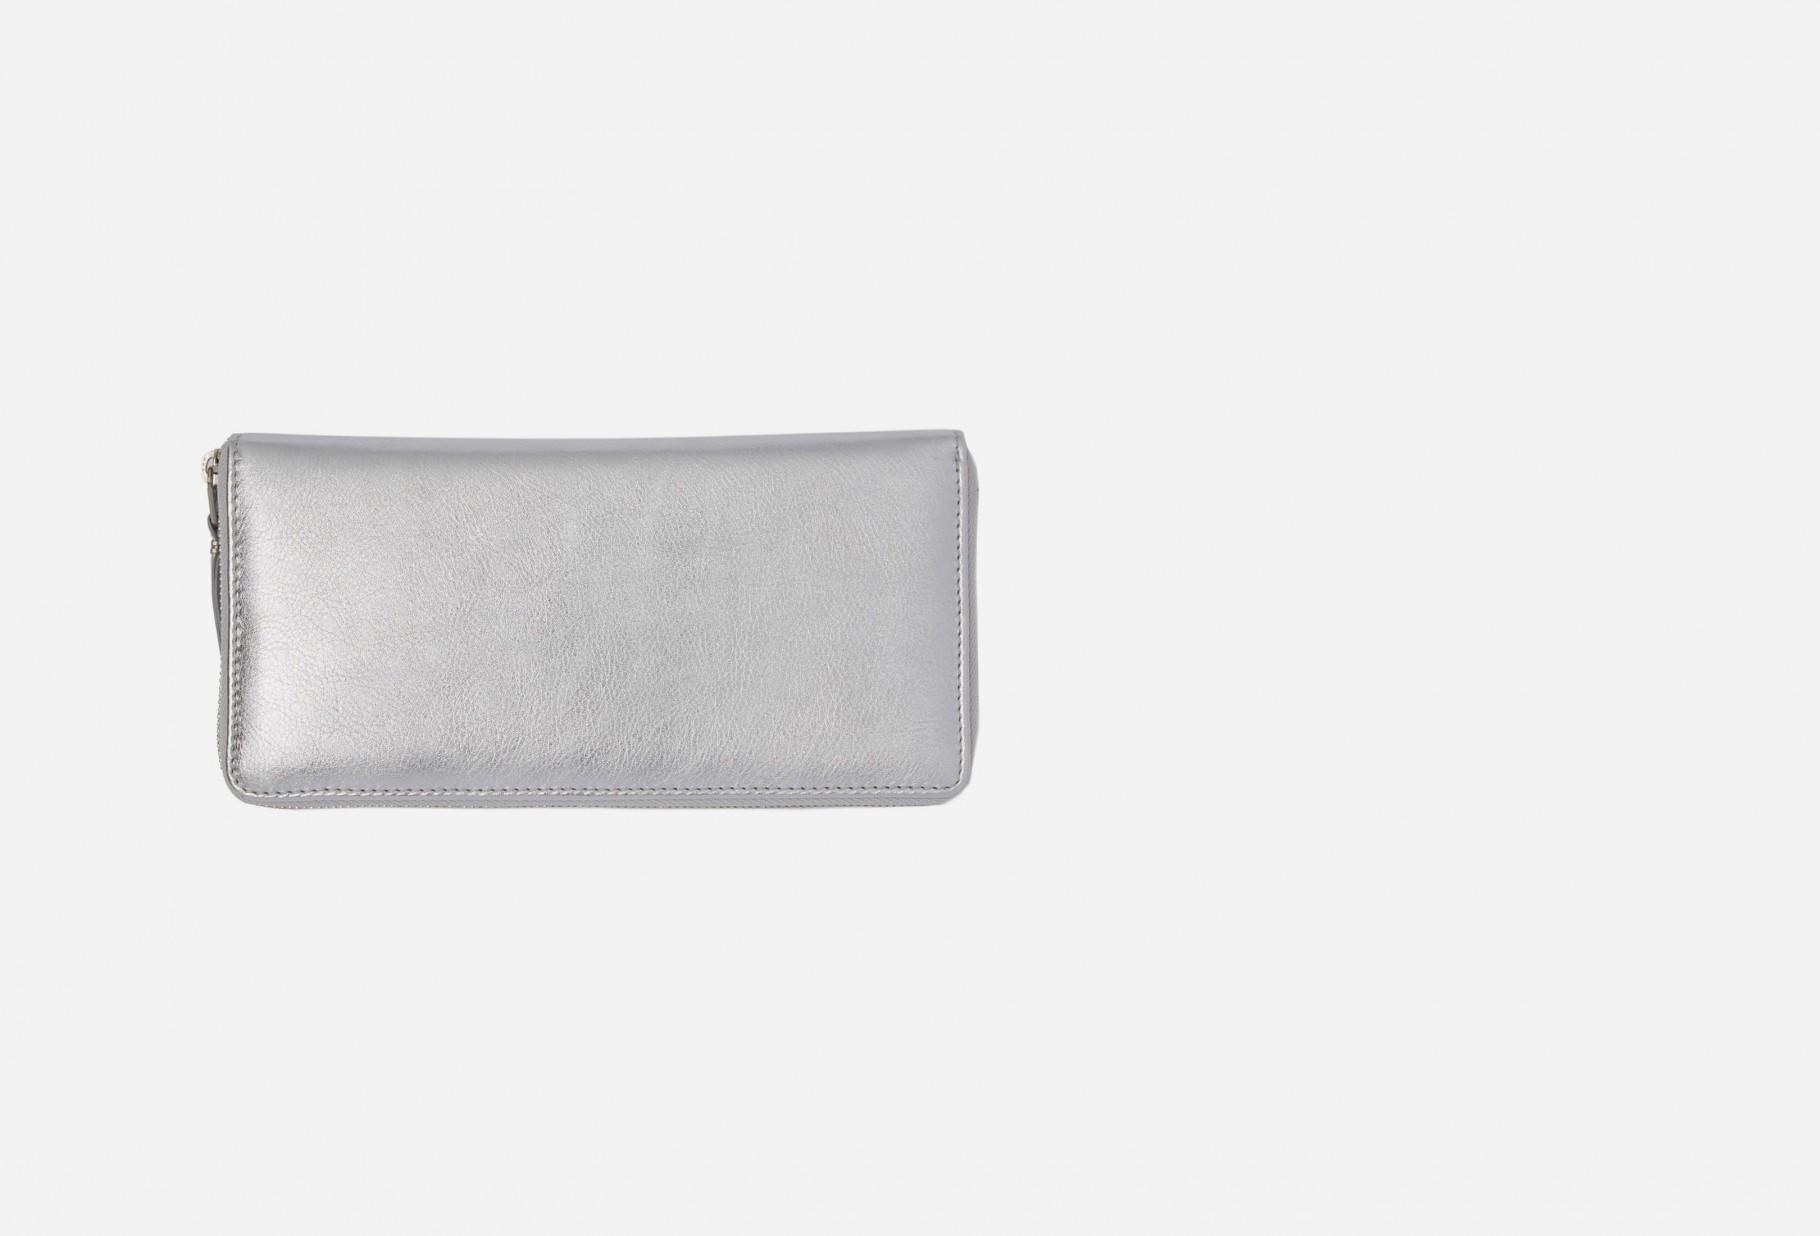 COMME DES GARÇONS WALLETS / Cdg silver wallet sa0110g Silver